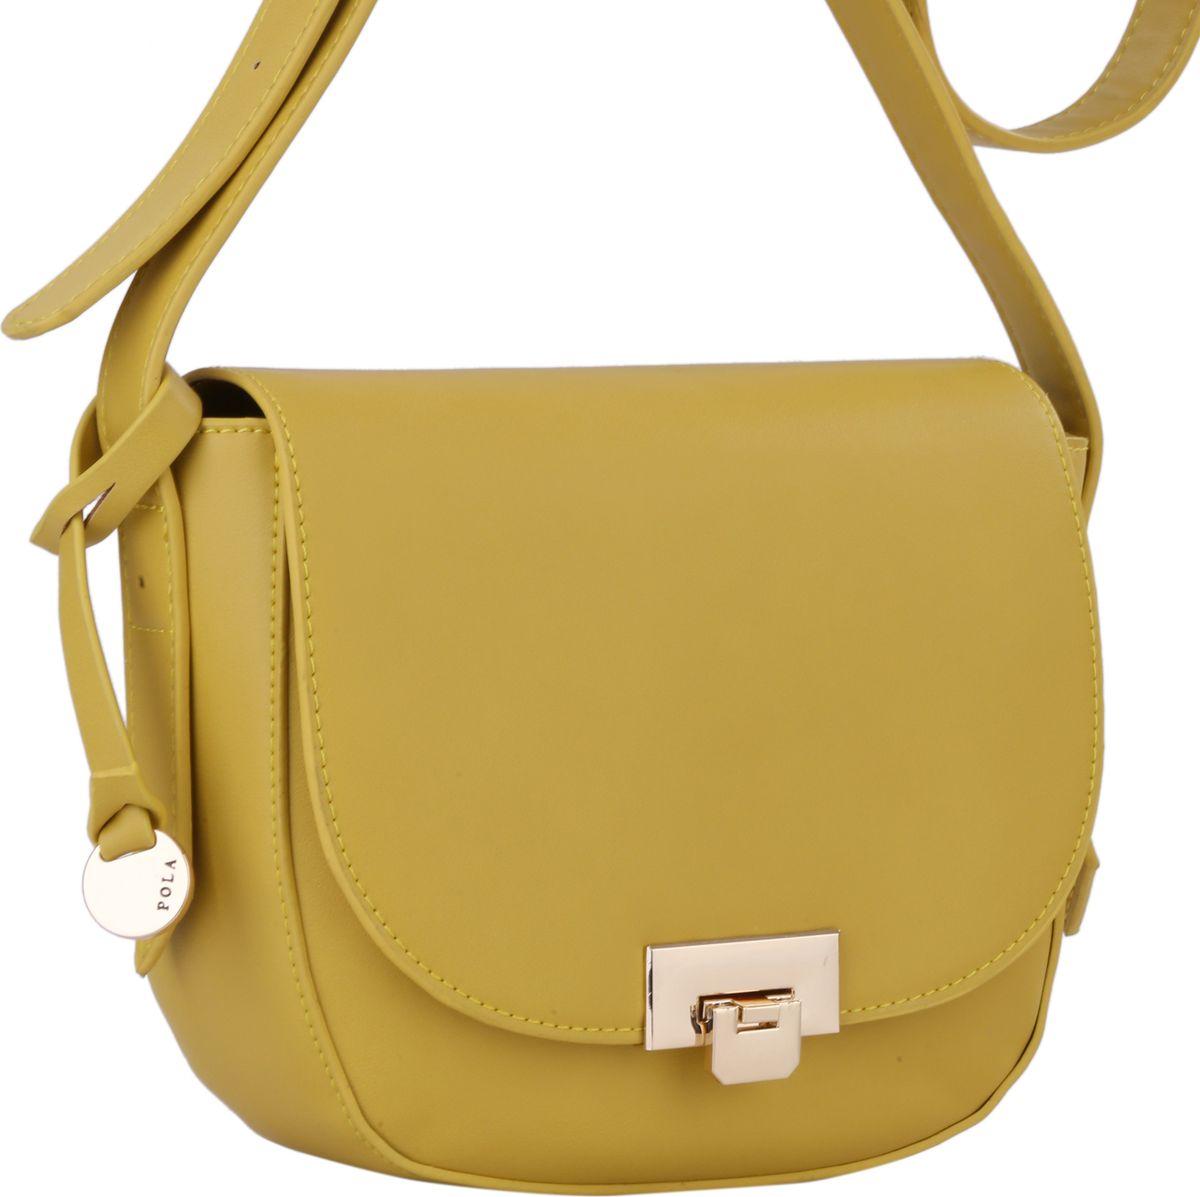 Сумка женская Pola, цвет: желтый. 64440BM8434-58AEЖенская сумка Pola выполнена из экокожи. Основное отделение закрывается клапаном на металлический замок и застегивается на молнию. Внутри основного отделения один открытый карман и небольшой карман на молнии. Сзади сумки расположен карман на молнии. Плечевой ремень несъемный, регулируемый по длине, максимальная высота 58 см. Цвет фурнитуры - золото.